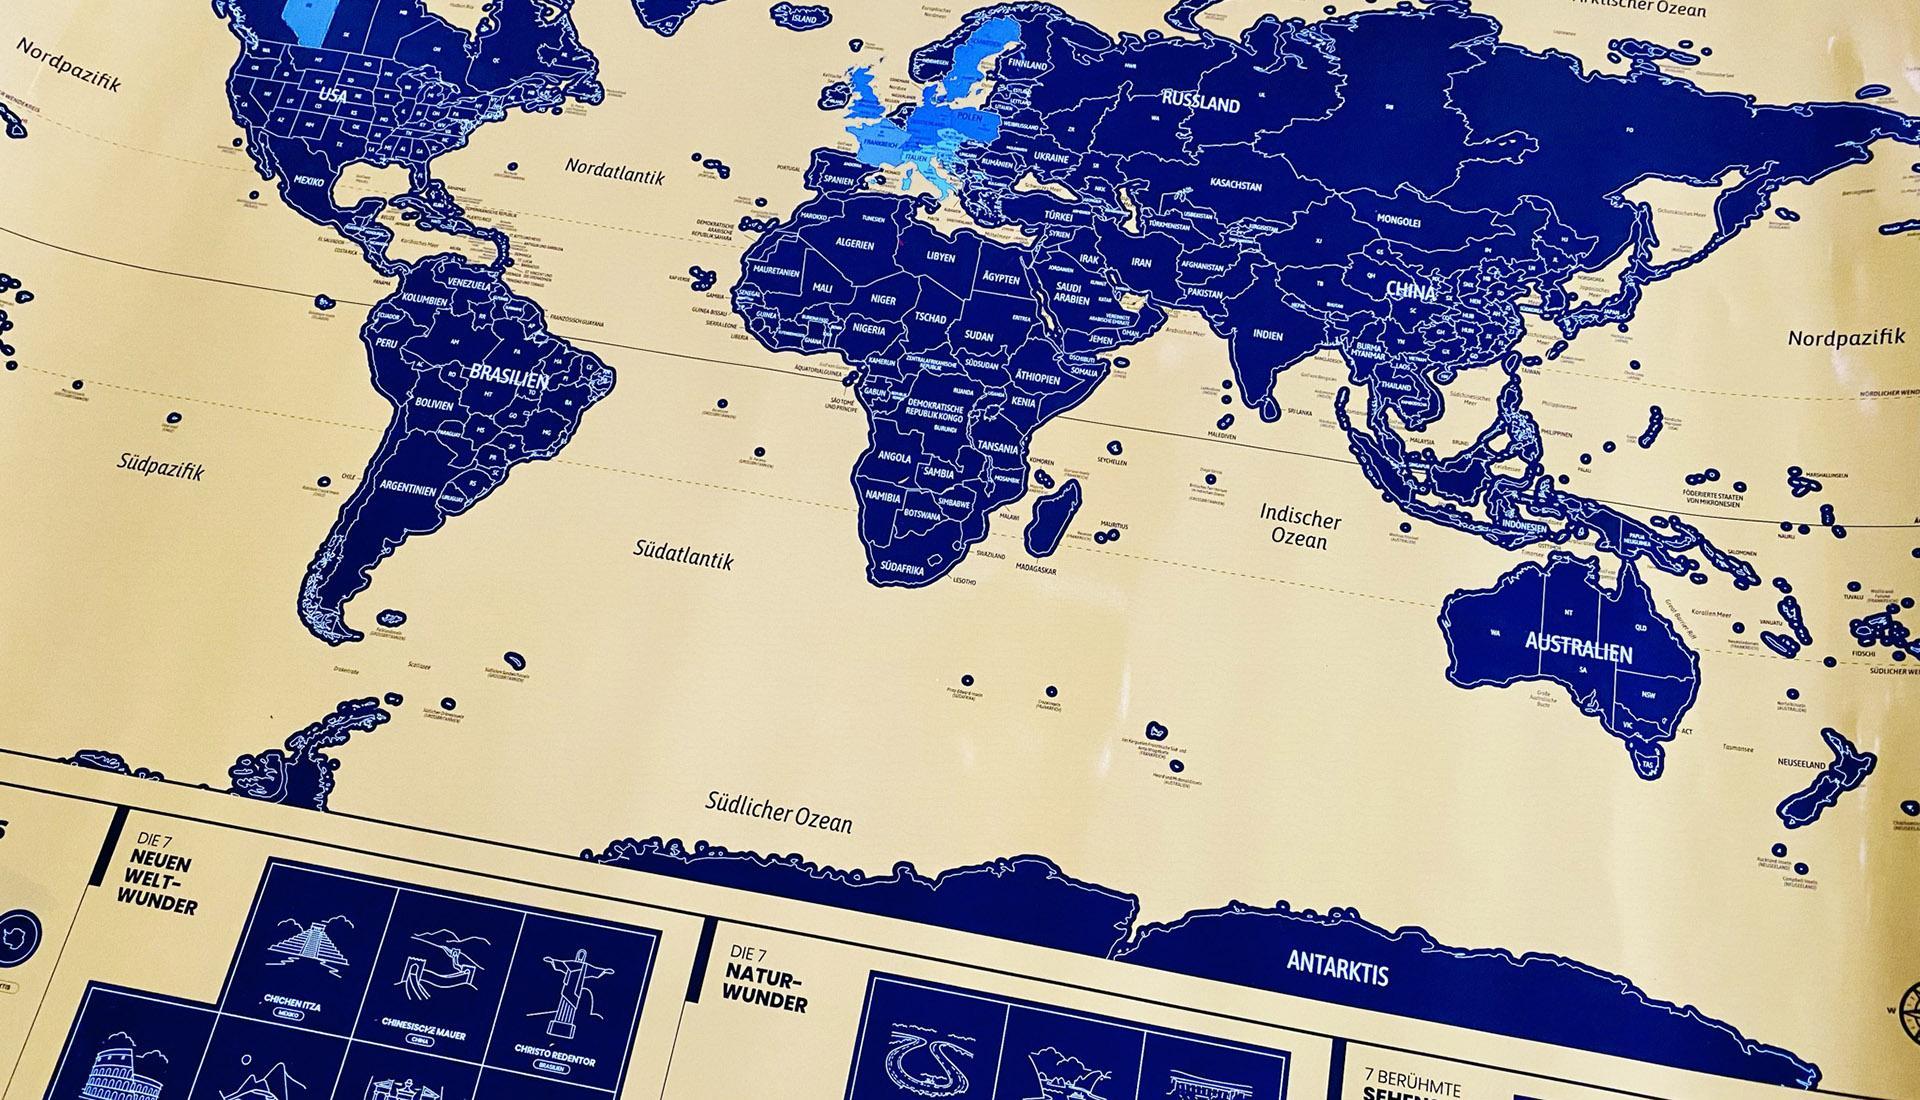 Rubbelkarte - Weltkarte Header